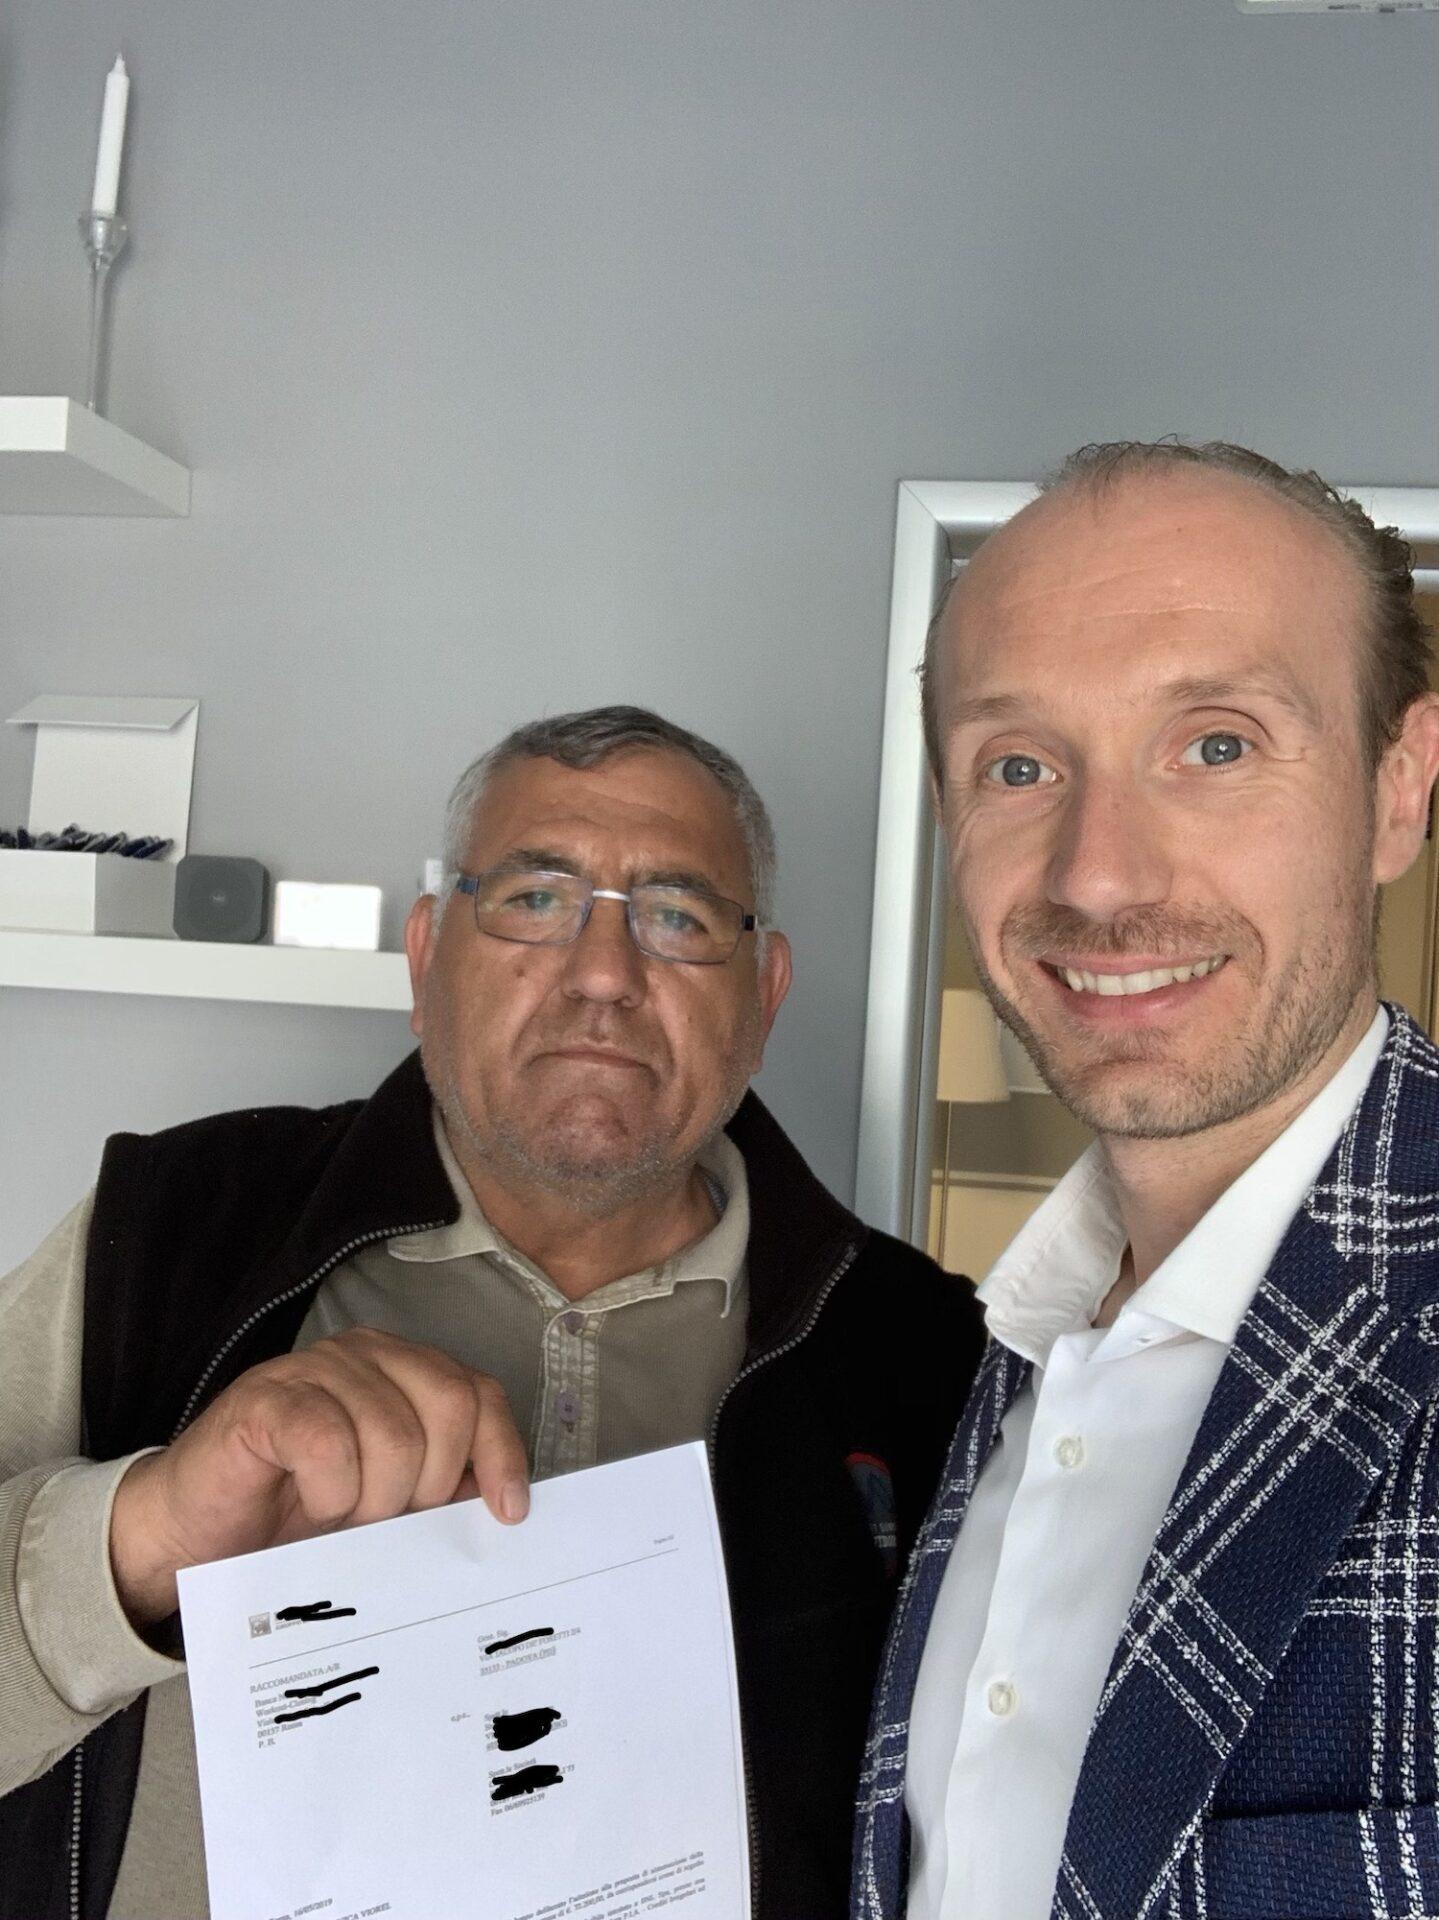 Stralcio-Marinica-Proposta-accettata-2019